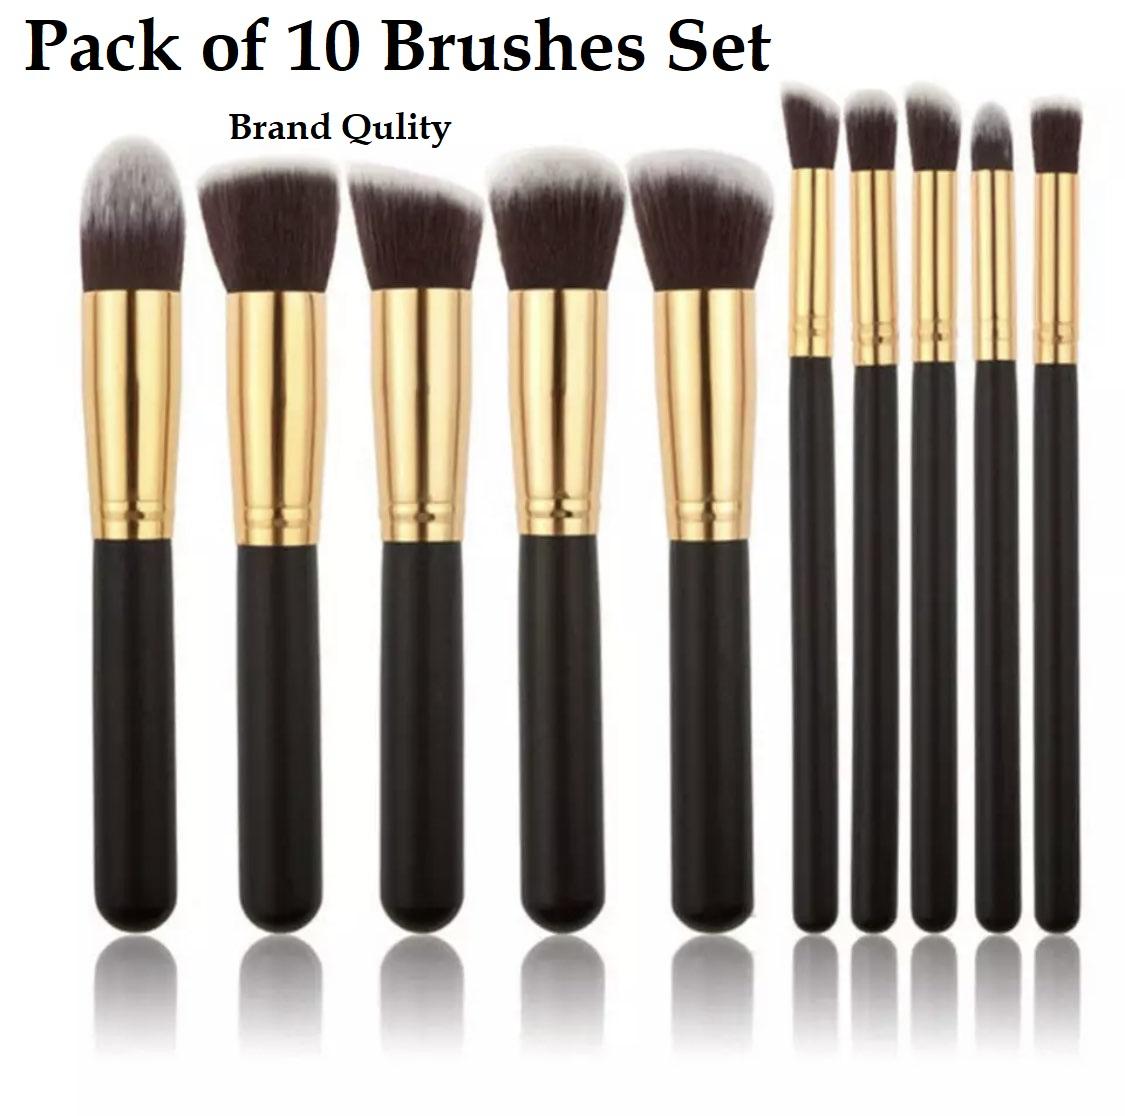 Beautiful Quality Make up Brushes Set 10 Different Brushes Professional Quality make up Brushes Set